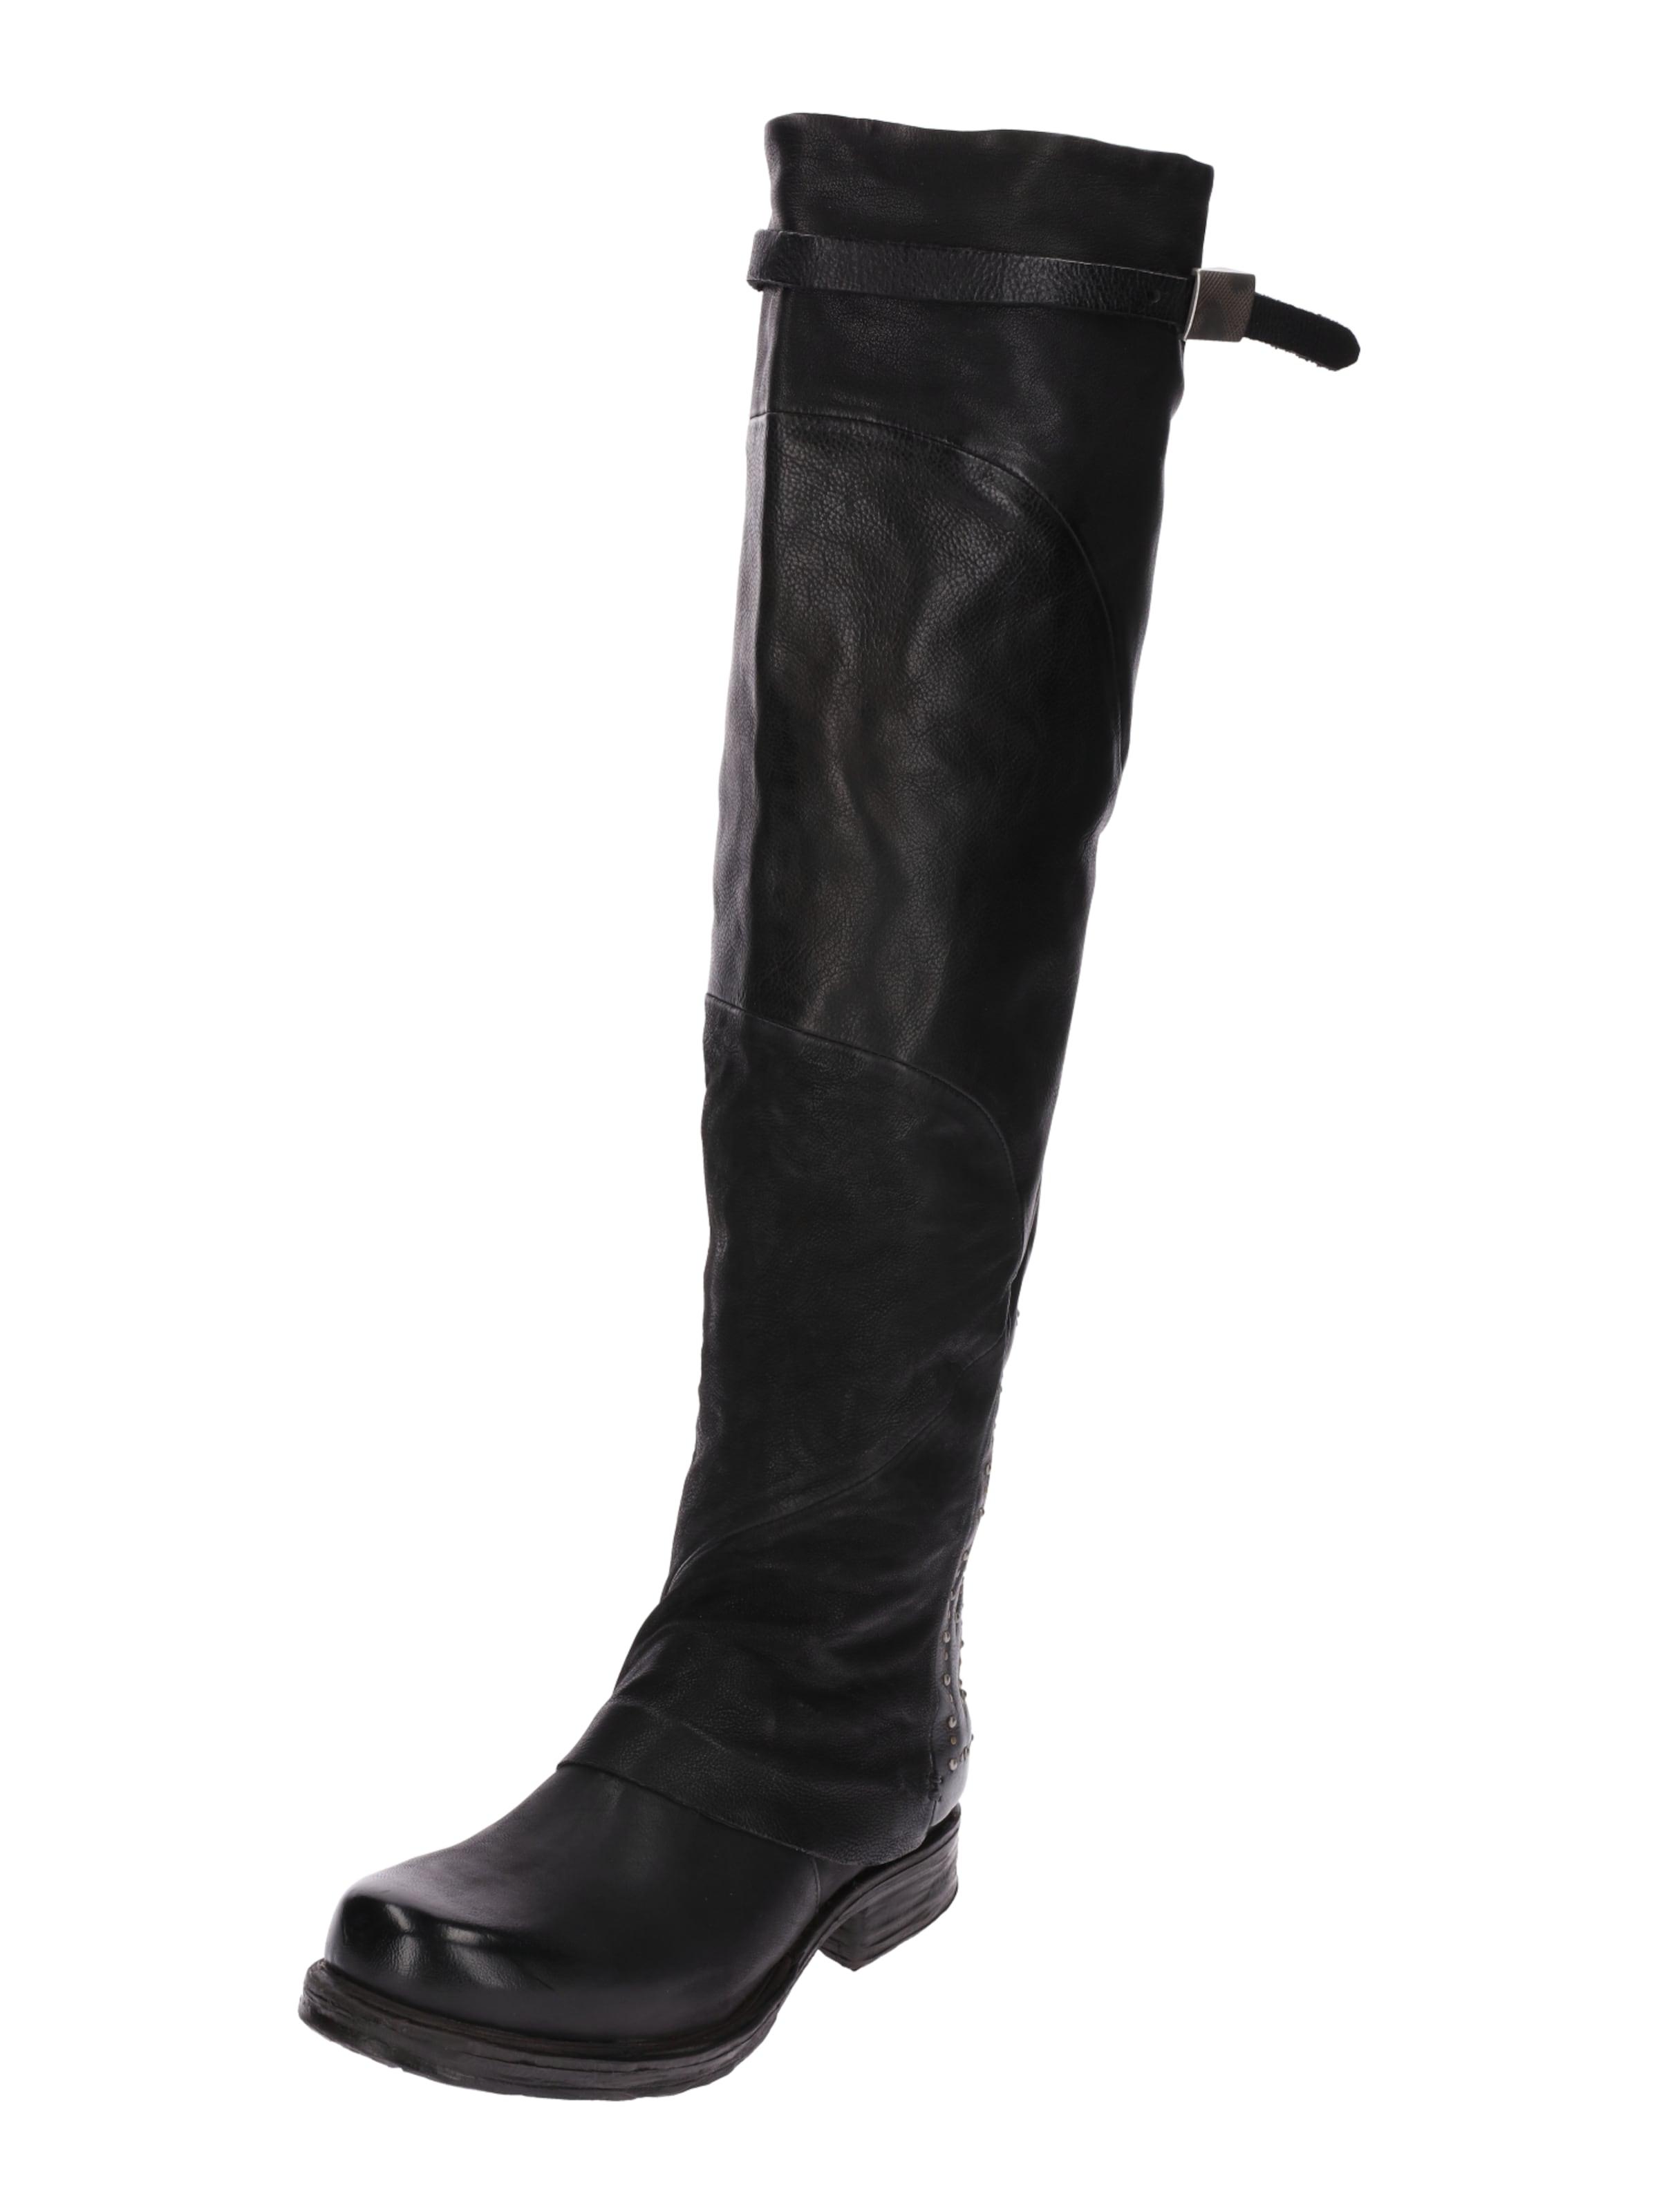 A.S.98 Stiefel SAINTEC Verschleißfeste billige Schuhe